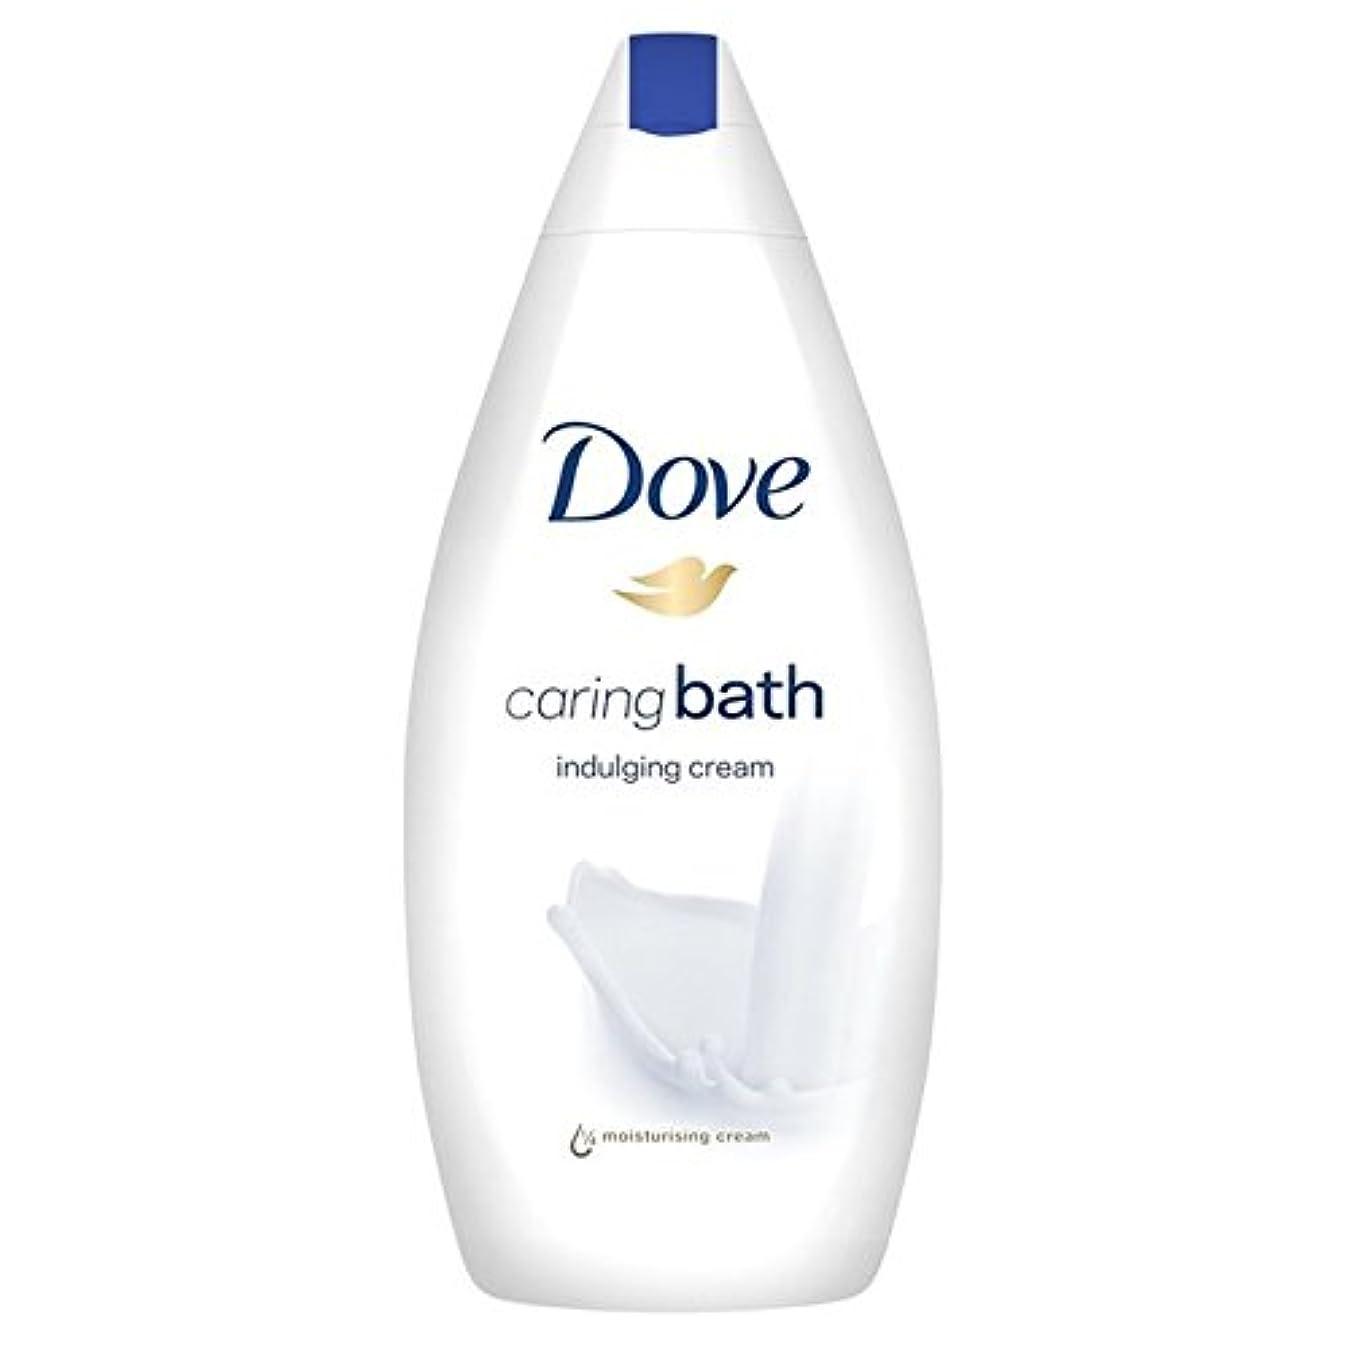 指定する最大限老人思いやりのバス500ミリリットルをふける鳩 x2 - Dove Indulging Caring Bath 500ml (Pack of 2) [並行輸入品]